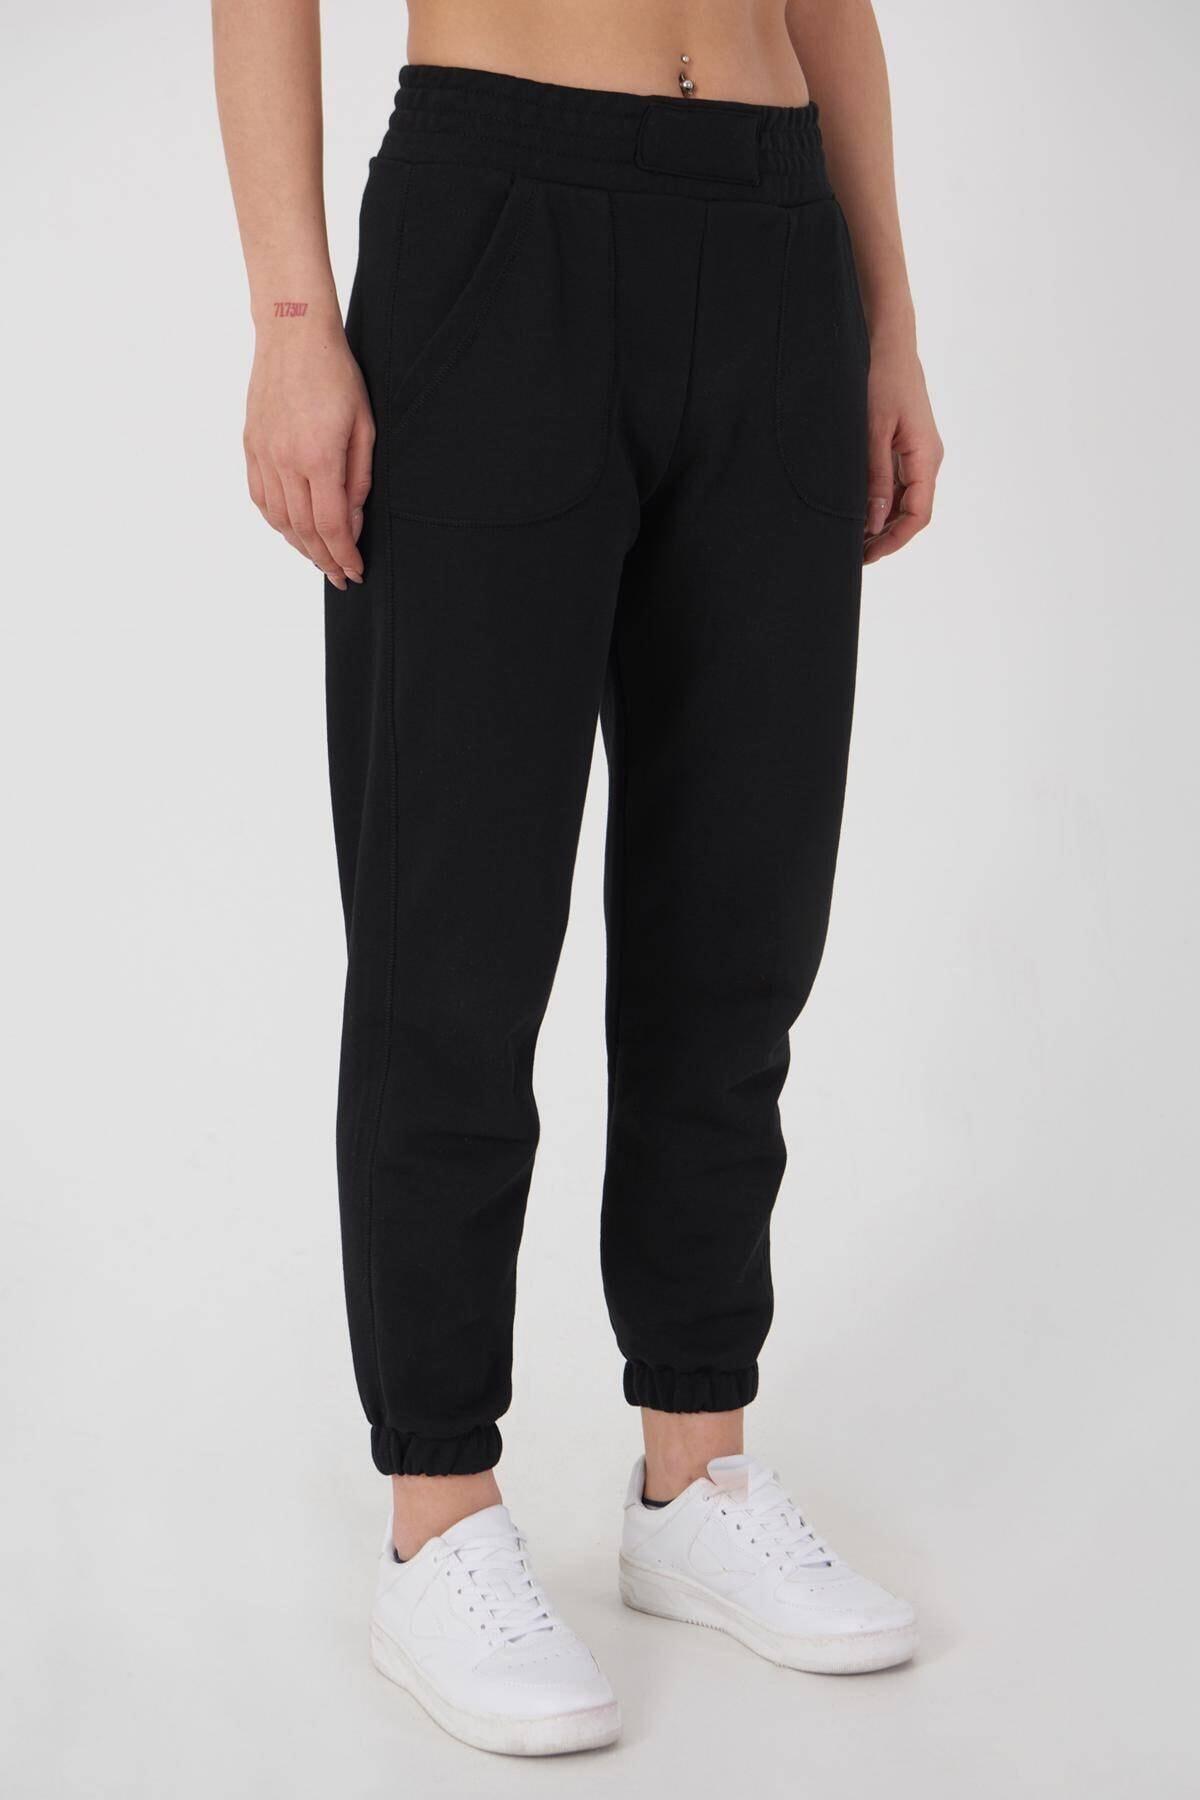 Addax Kadın Siyah Cep Detaylı Eşofman EŞF9498 - L10 ADX-0000023267 4